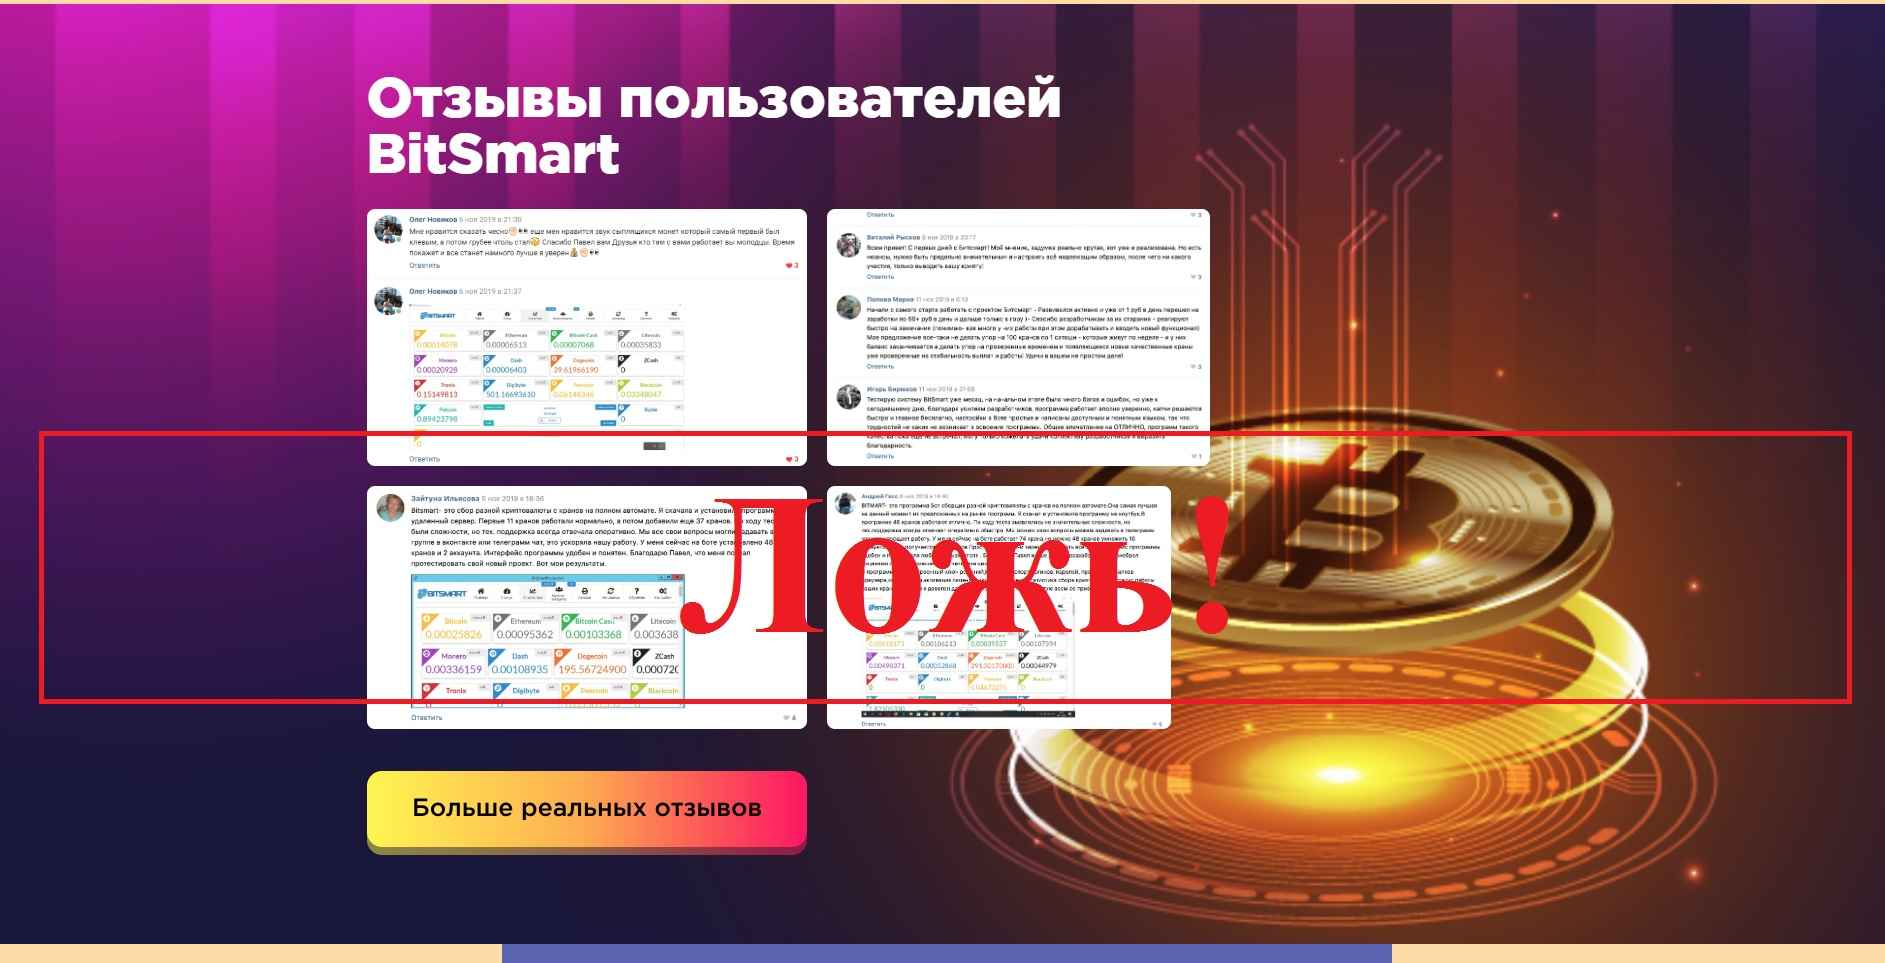 Робот Bitsmart – отзывы обзор программы битсмарт